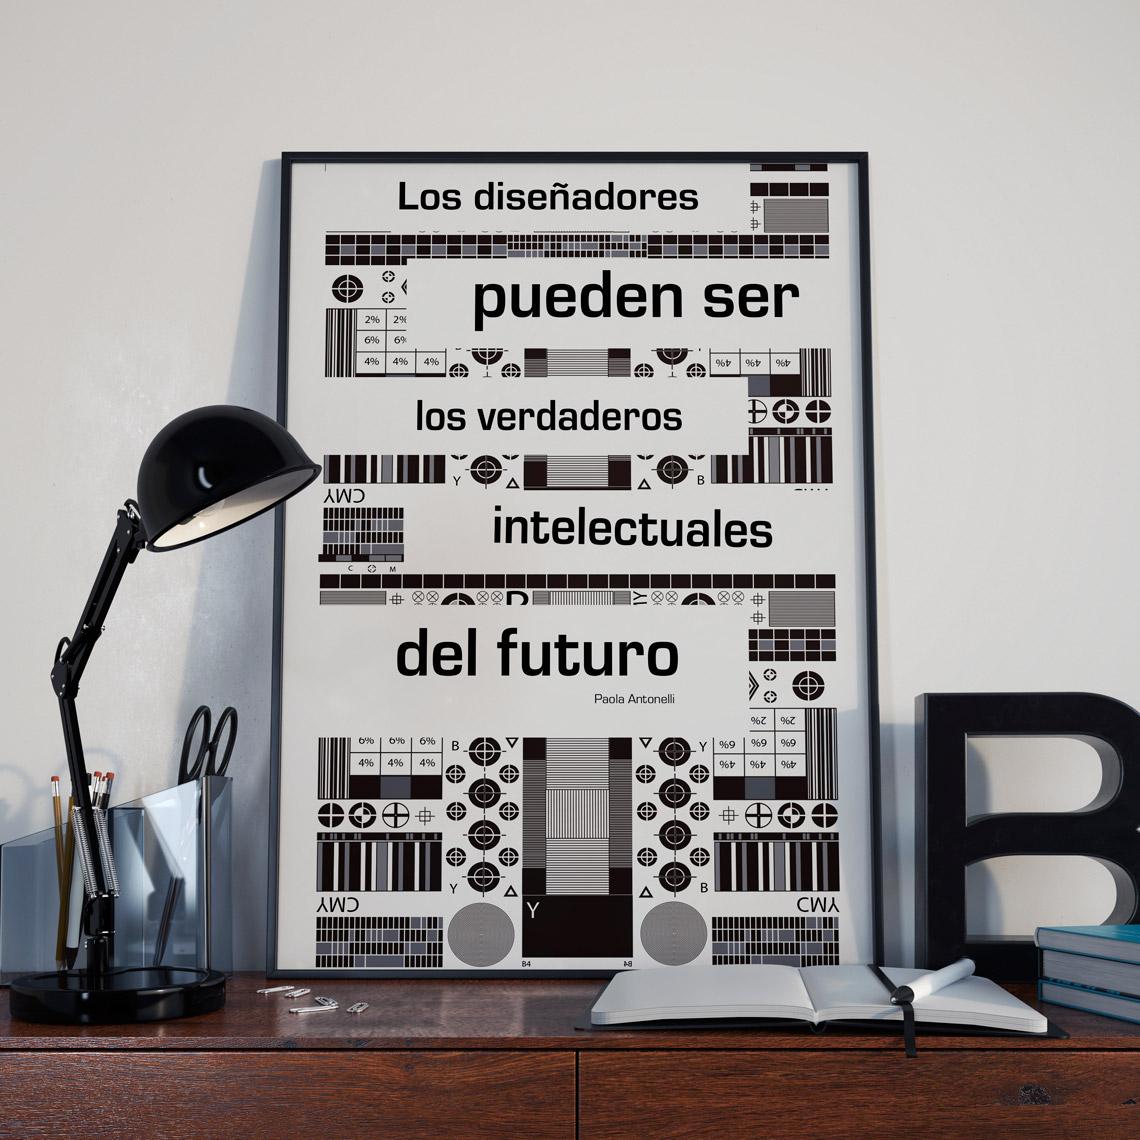 Cartel Diseñadora PAOLA ANTONELLI diseño Ane-Otxotorena Ciclo Formativo de Grado Superior en Gráfica Publicitaria